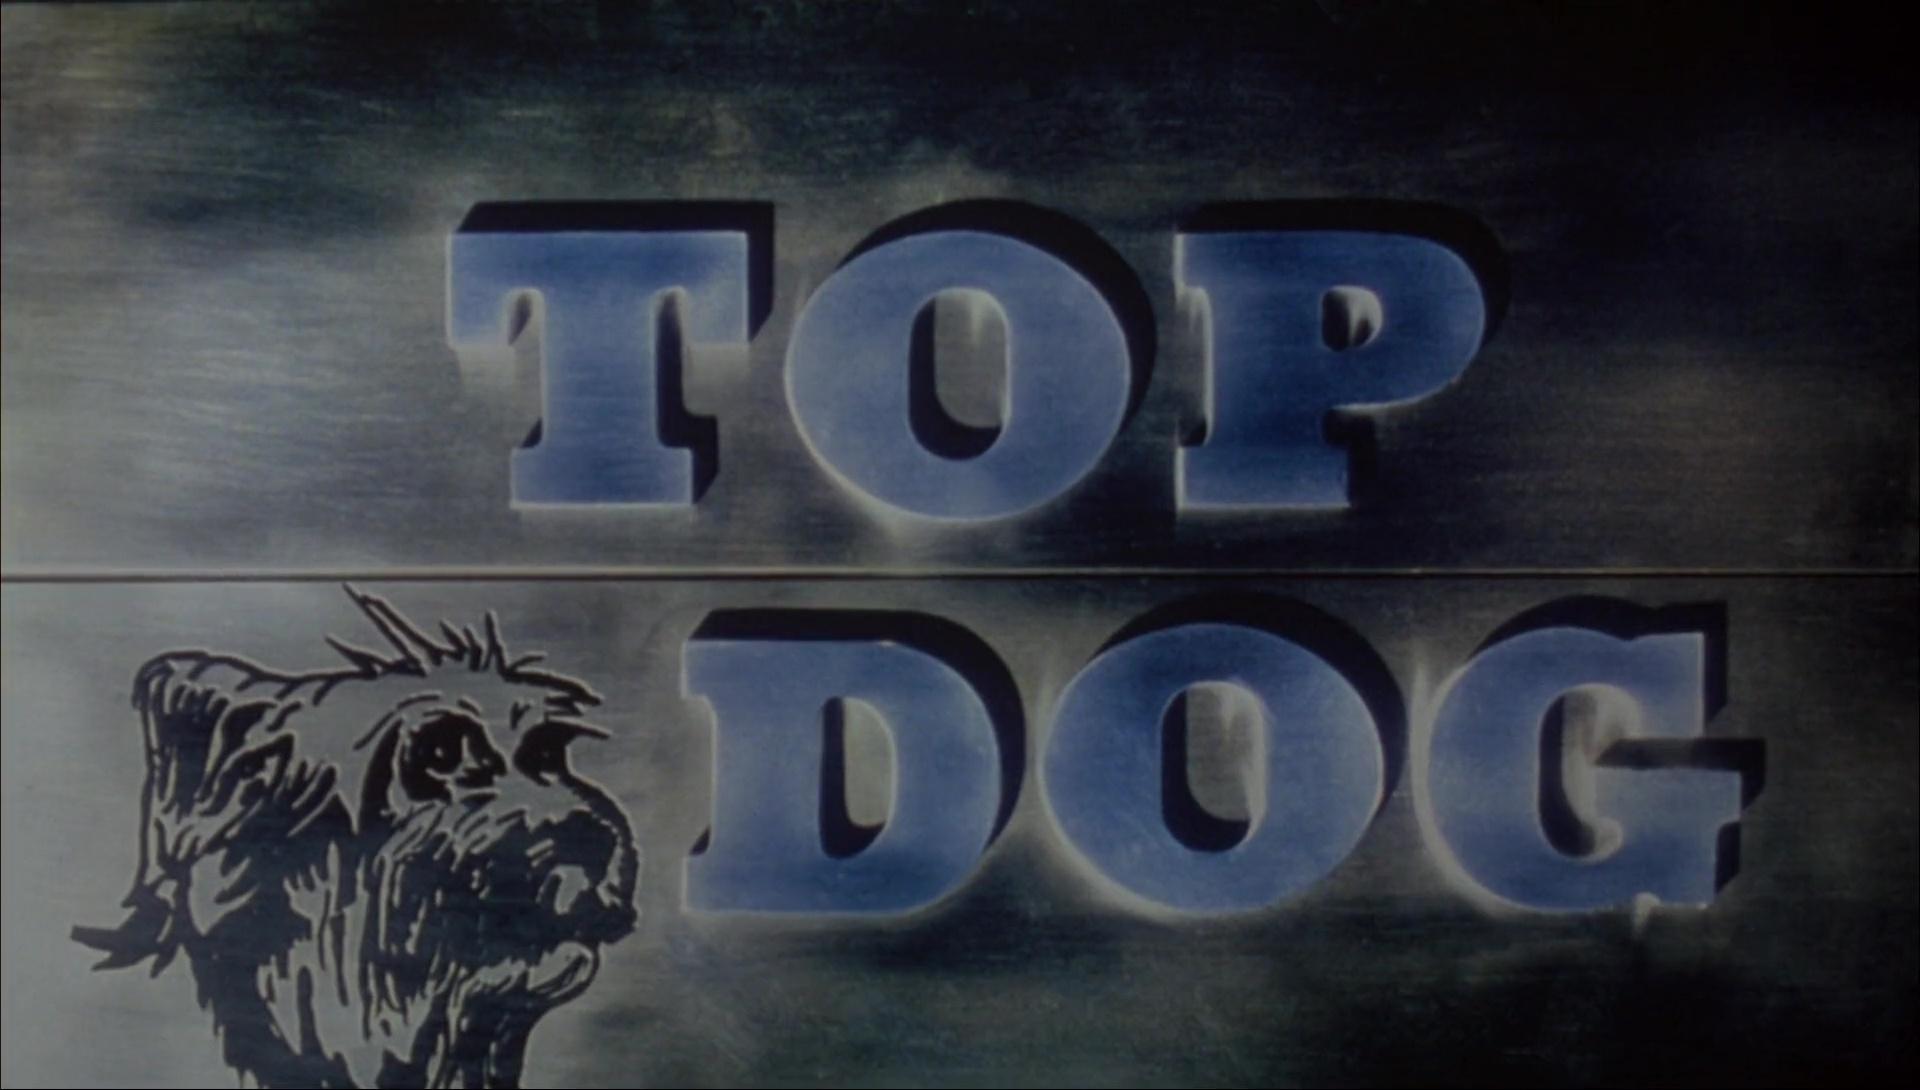 TOP DOG de Aaron Norris (1995)